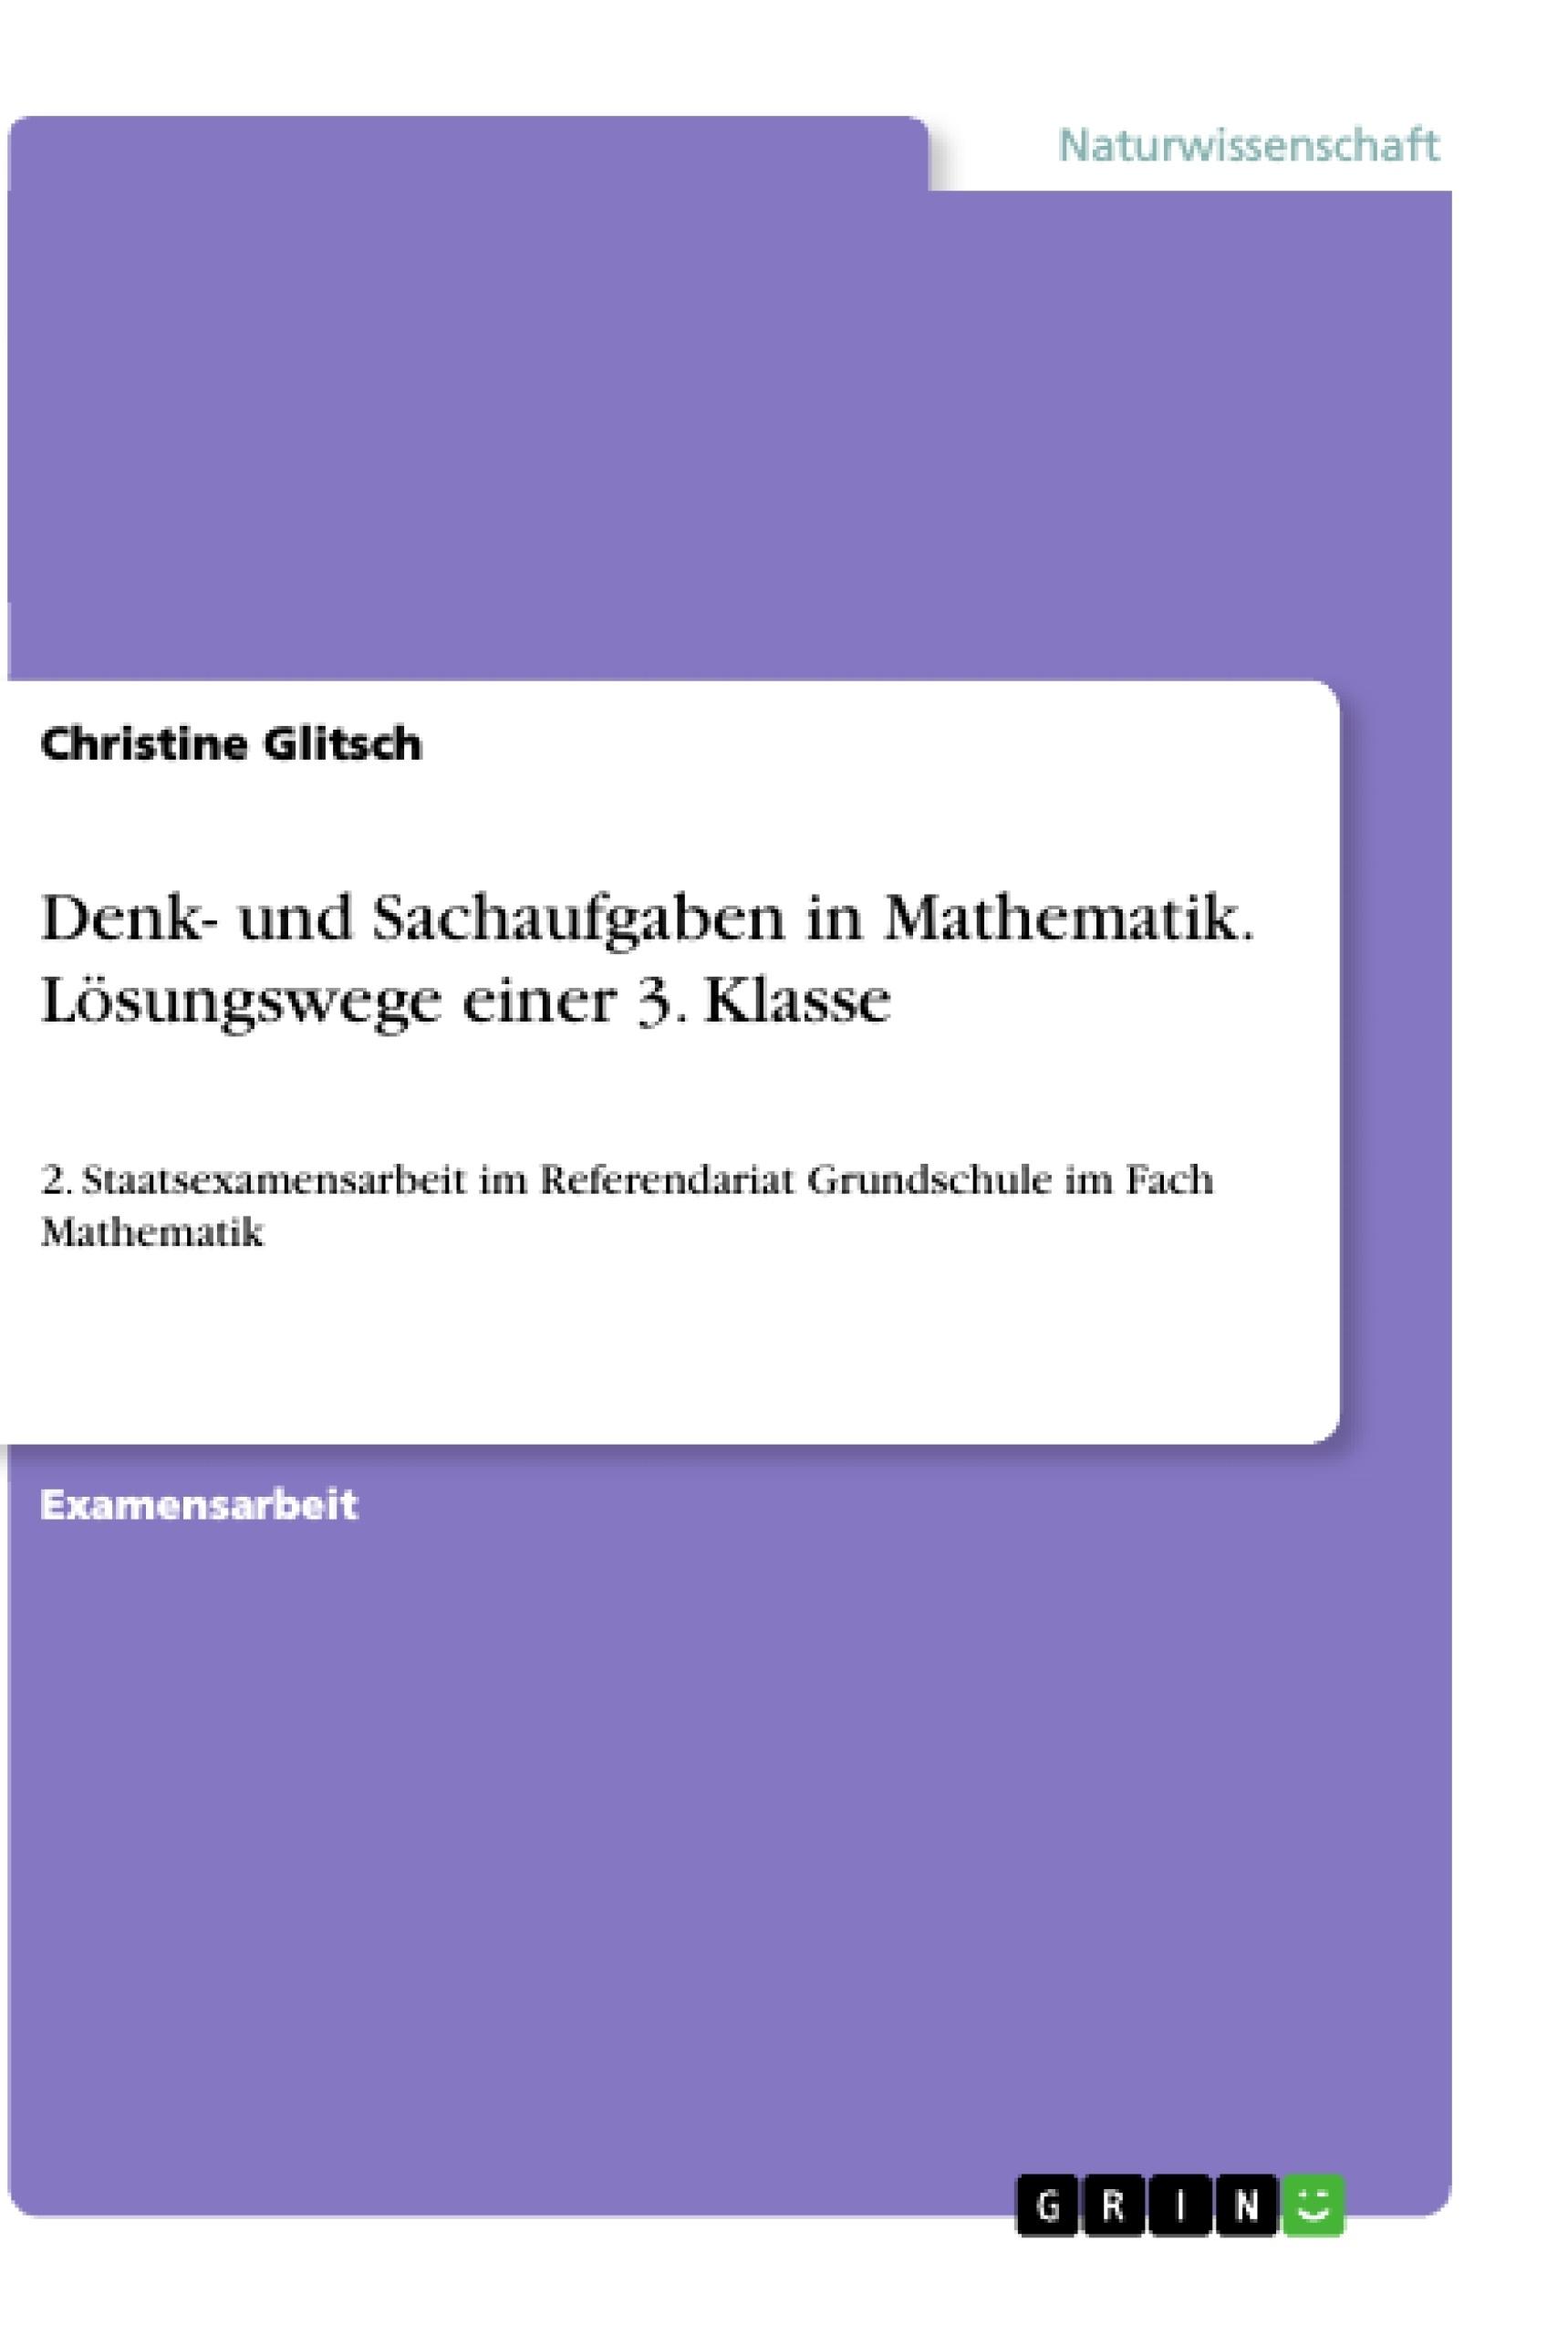 Titel: Denk- und Sachaufgaben in Mathematik. Lösungswege einer 3. Klasse